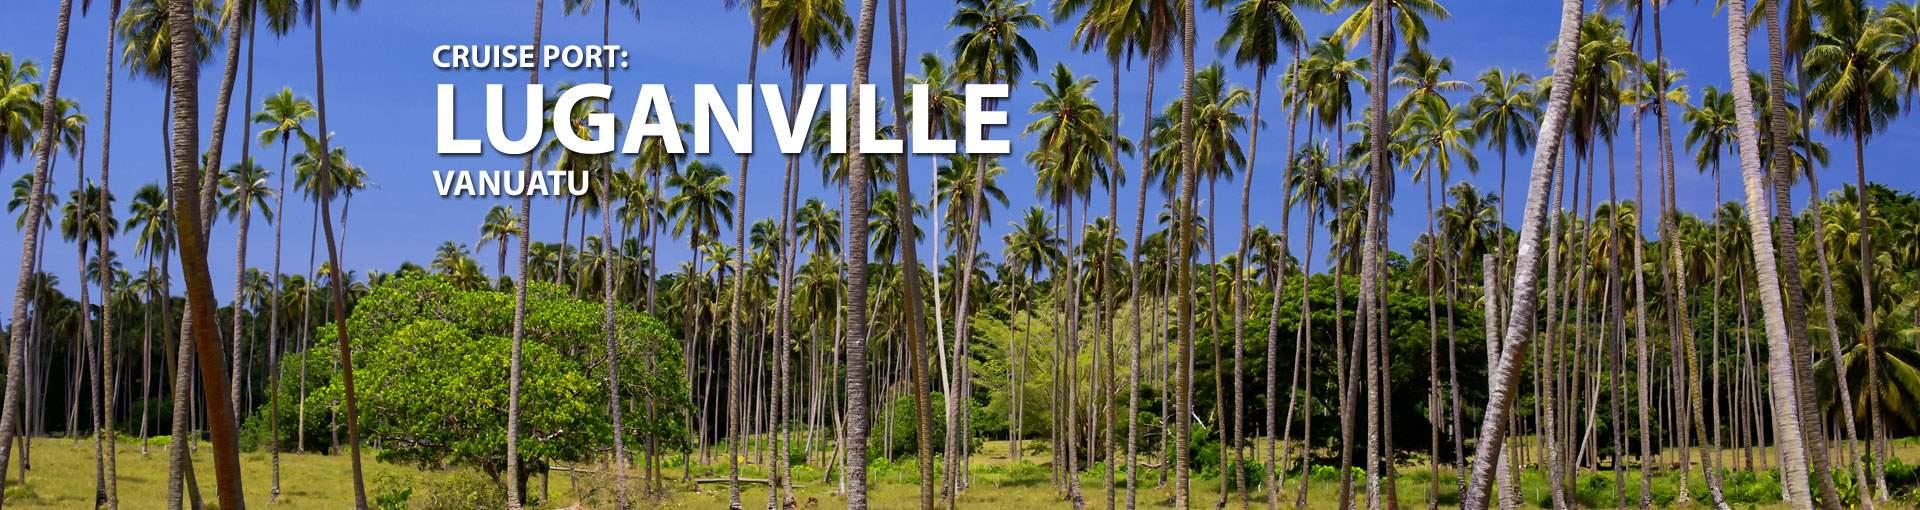 Cruises to Luganville, Vanuatu